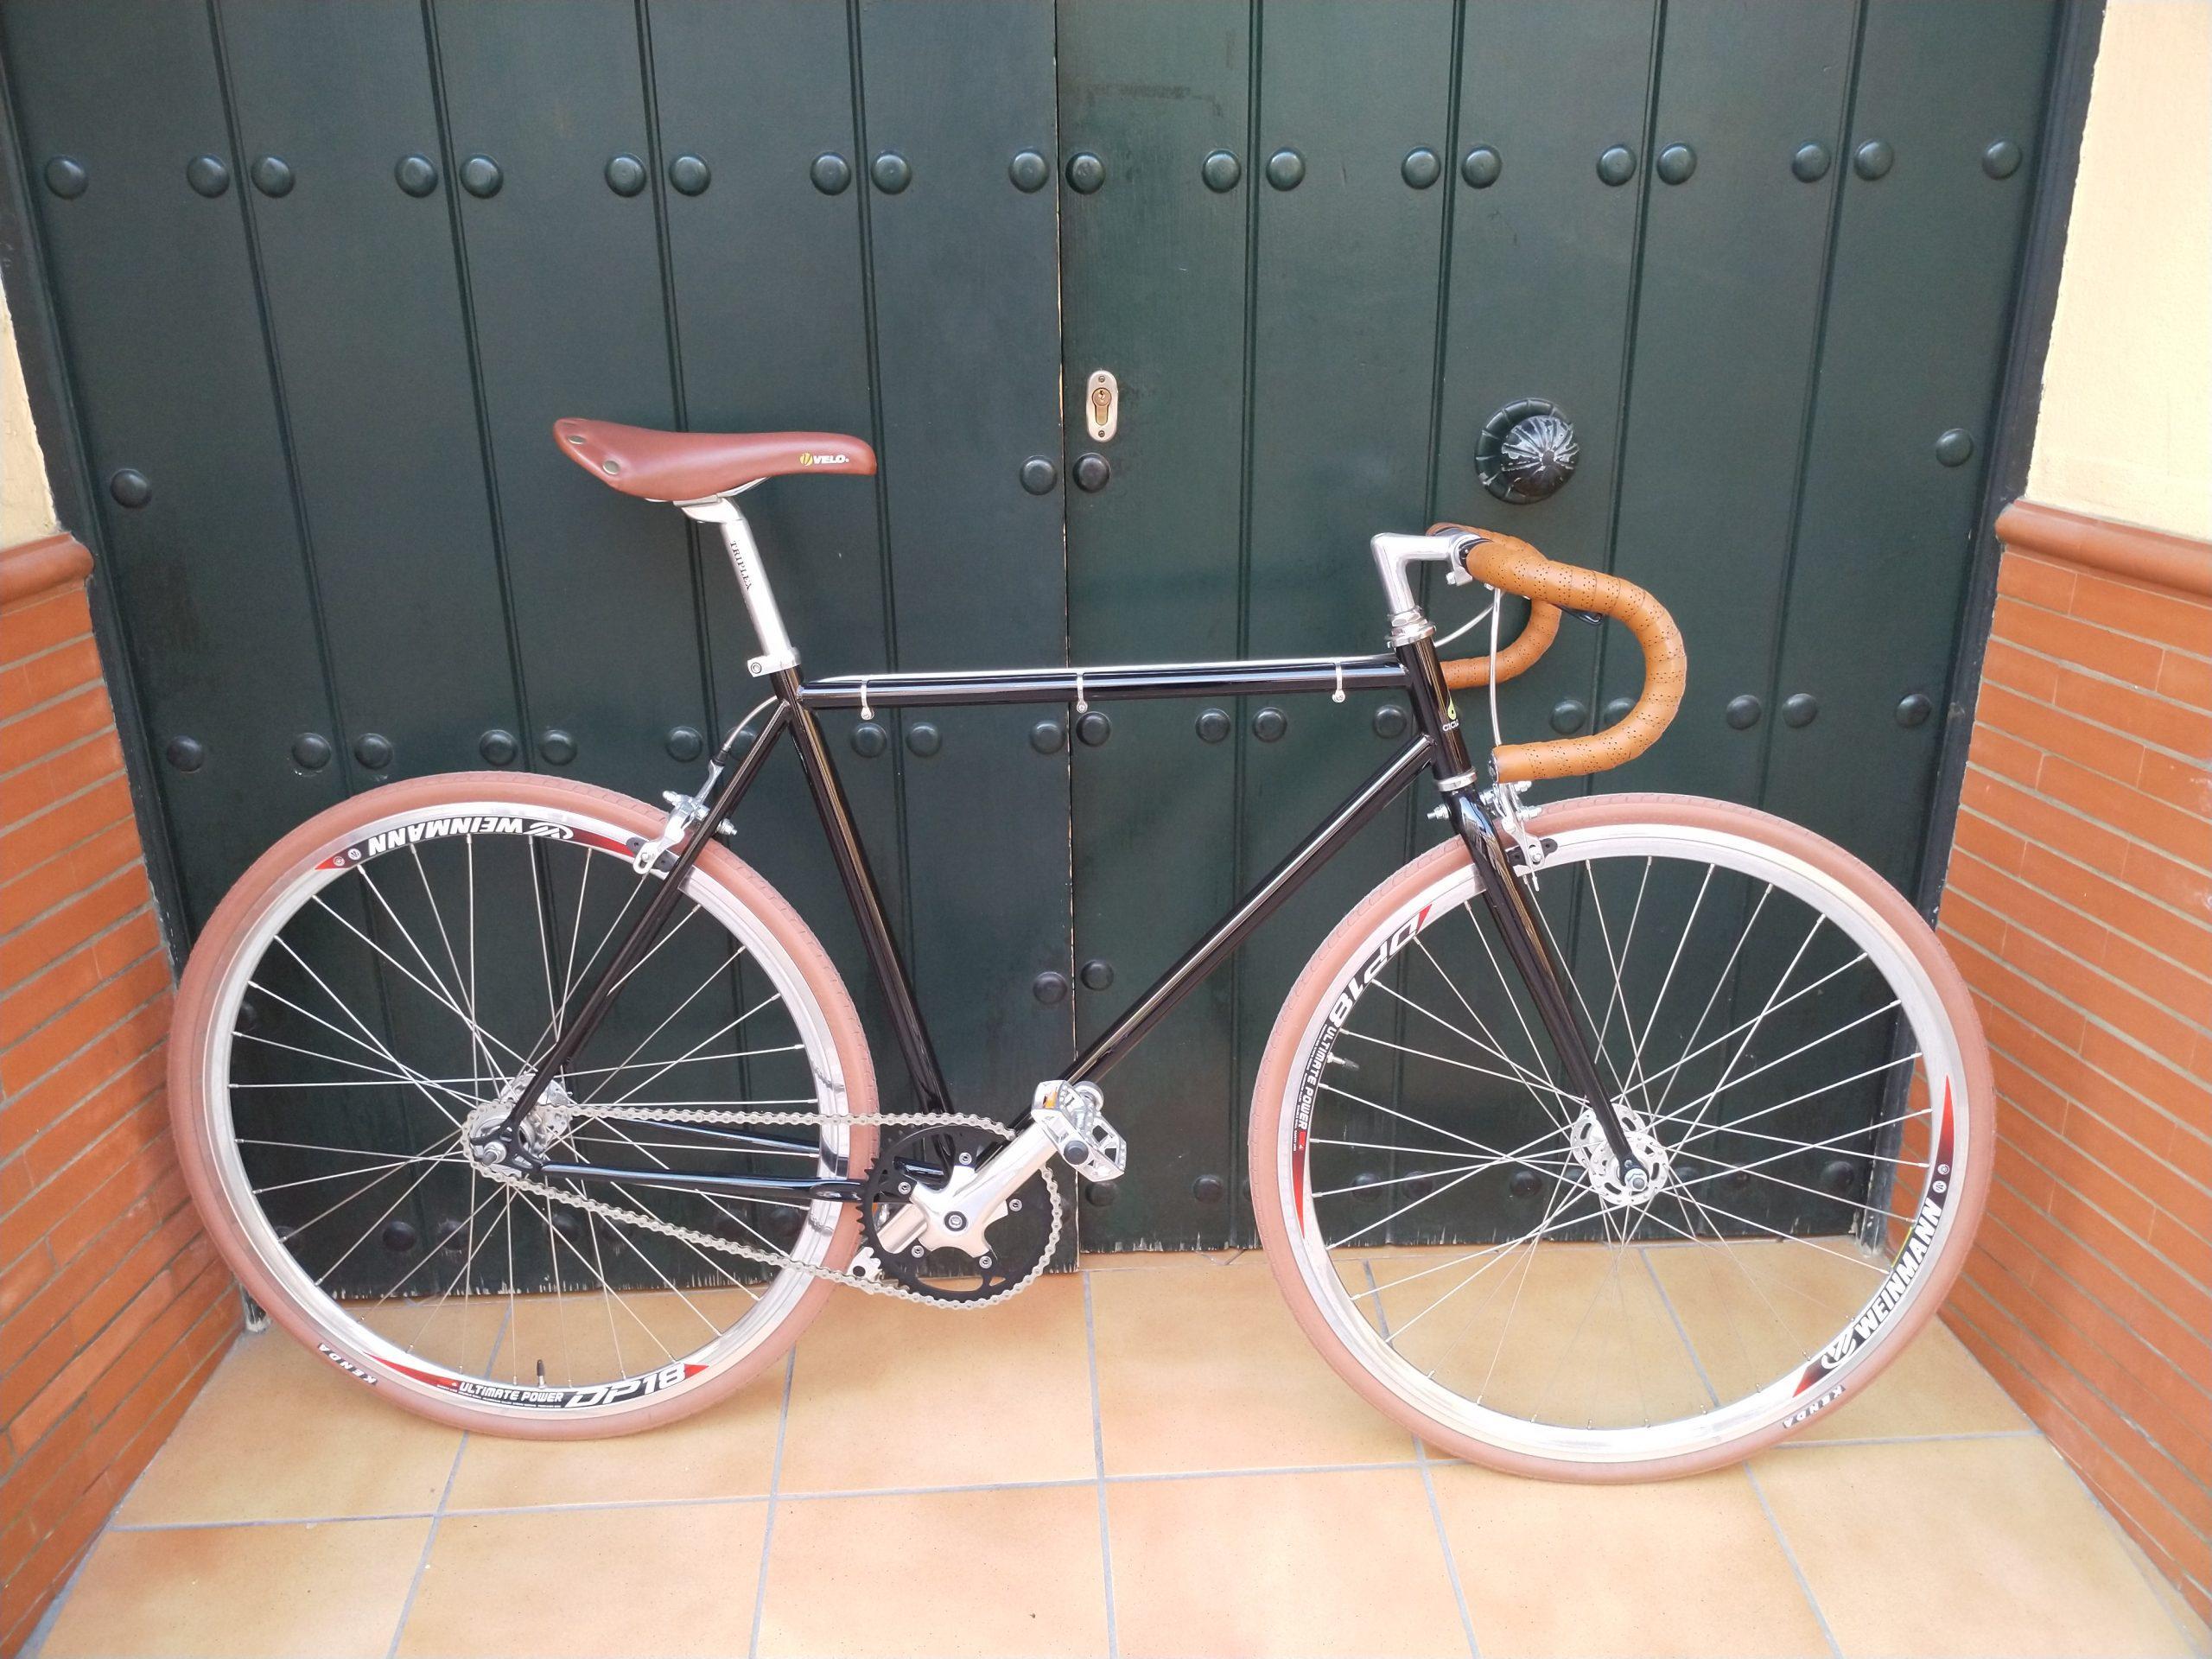 Single-speed negra, alu pulido y marrón crt